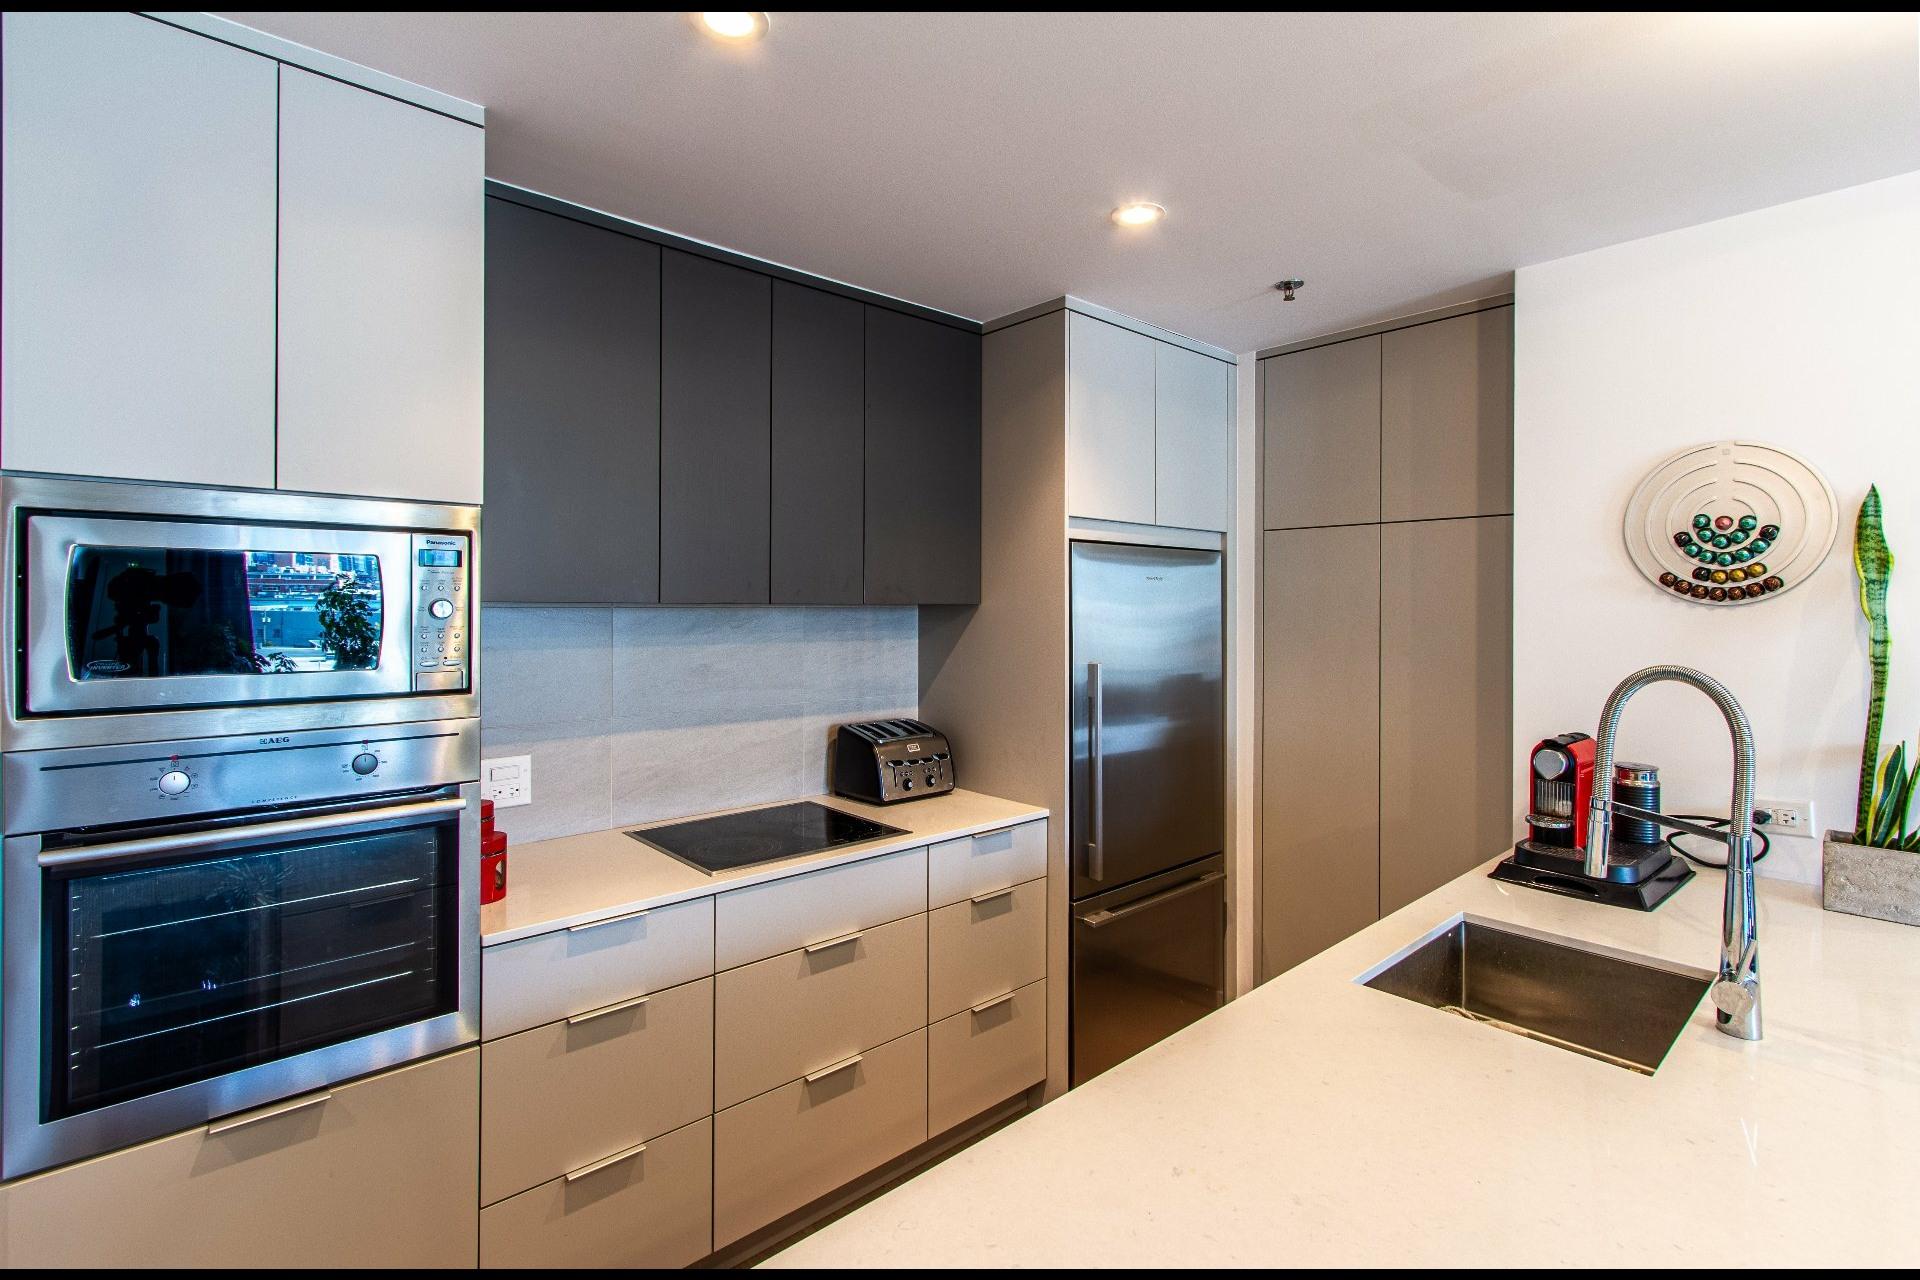 image 5 - Appartement À vendre Le Sud-Ouest Montréal  - 6 pièces